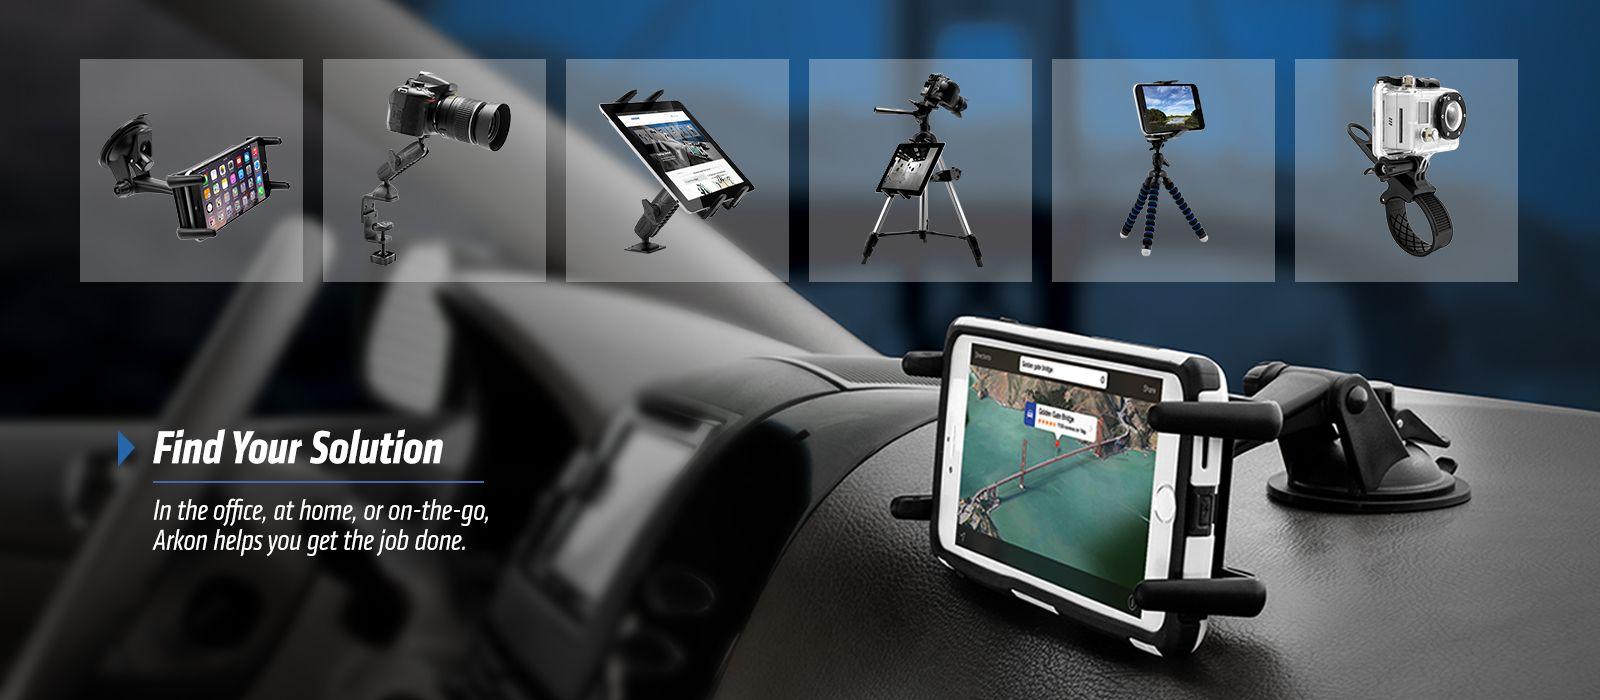 Arkon Phone Mount Tablet Holder Camera Mount (With images